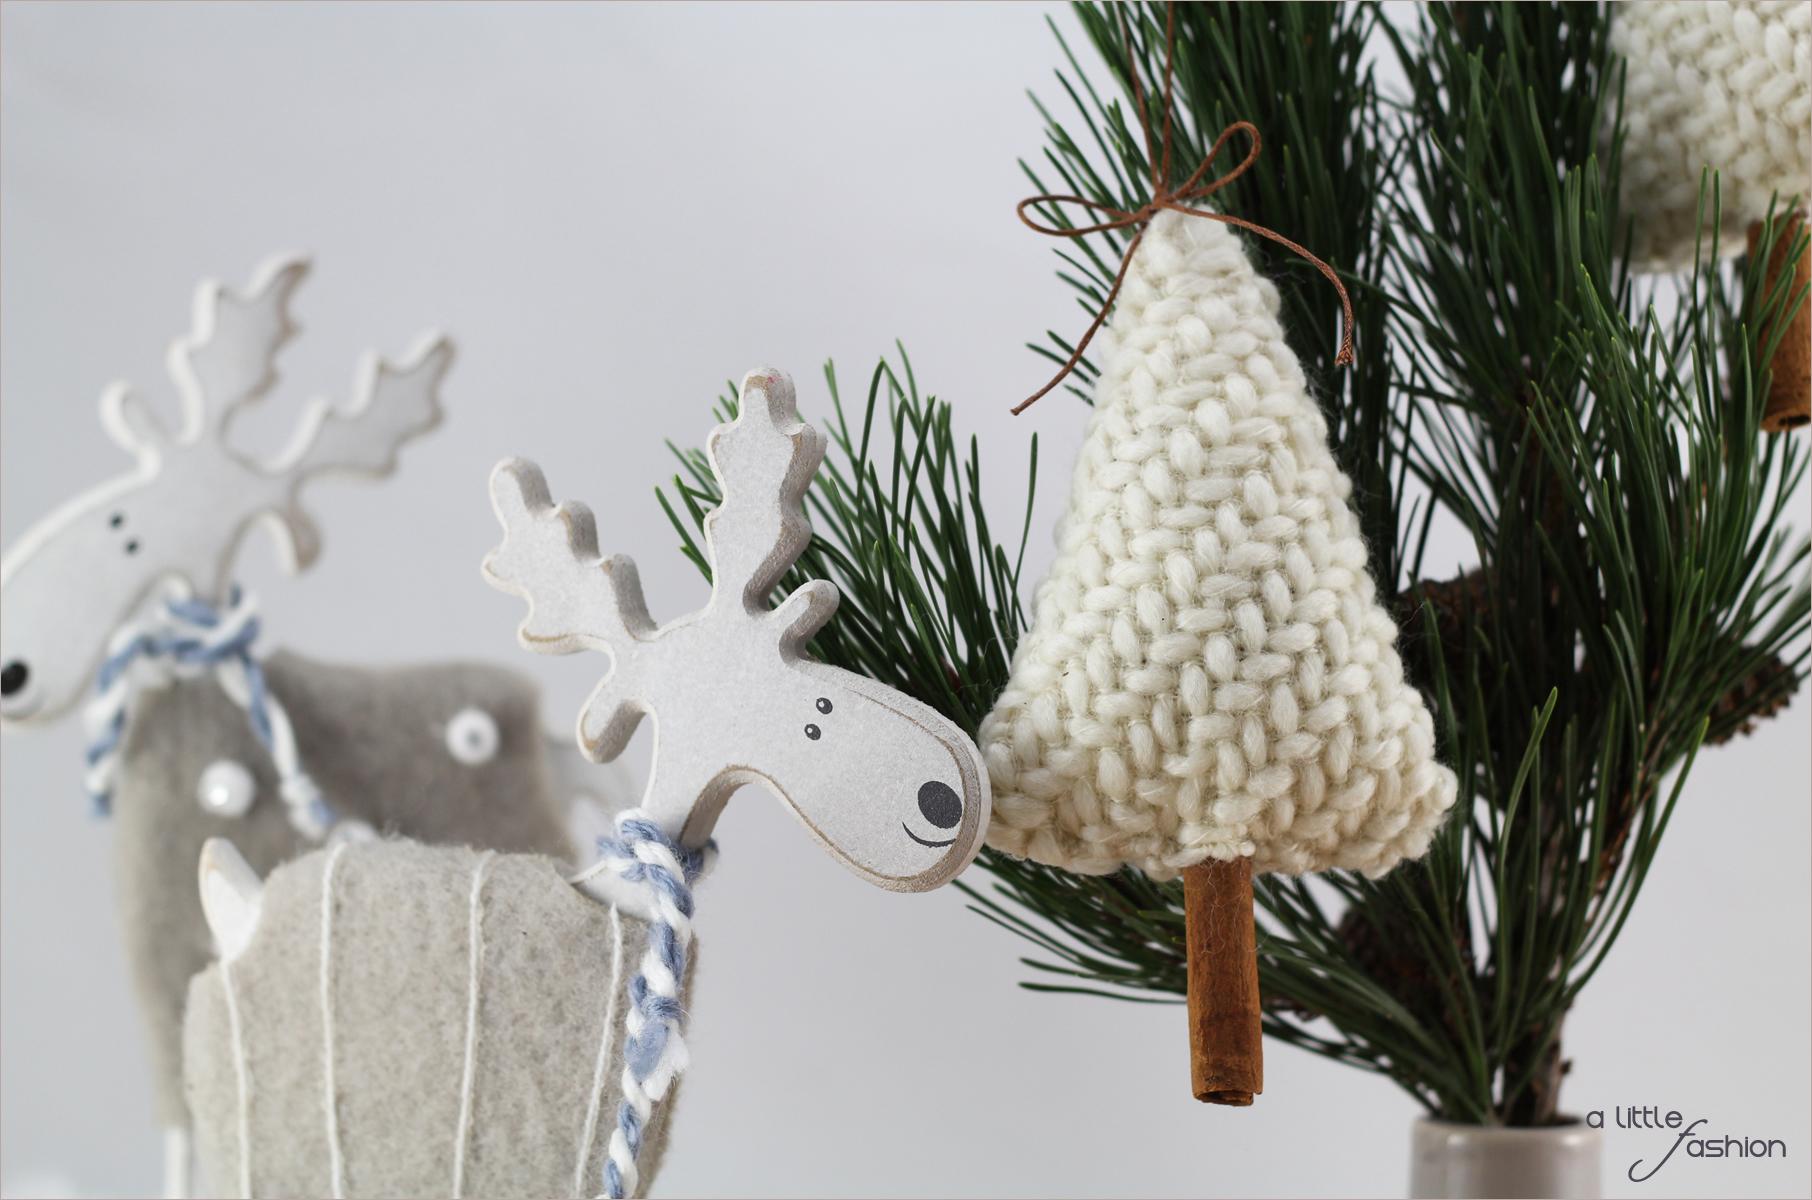 Weihnachtliche Zimt-Duftbäumchen | A Little Fashion | https://www.filizity.com/diy/weihnachtliche-zimt-duftbaeumchen